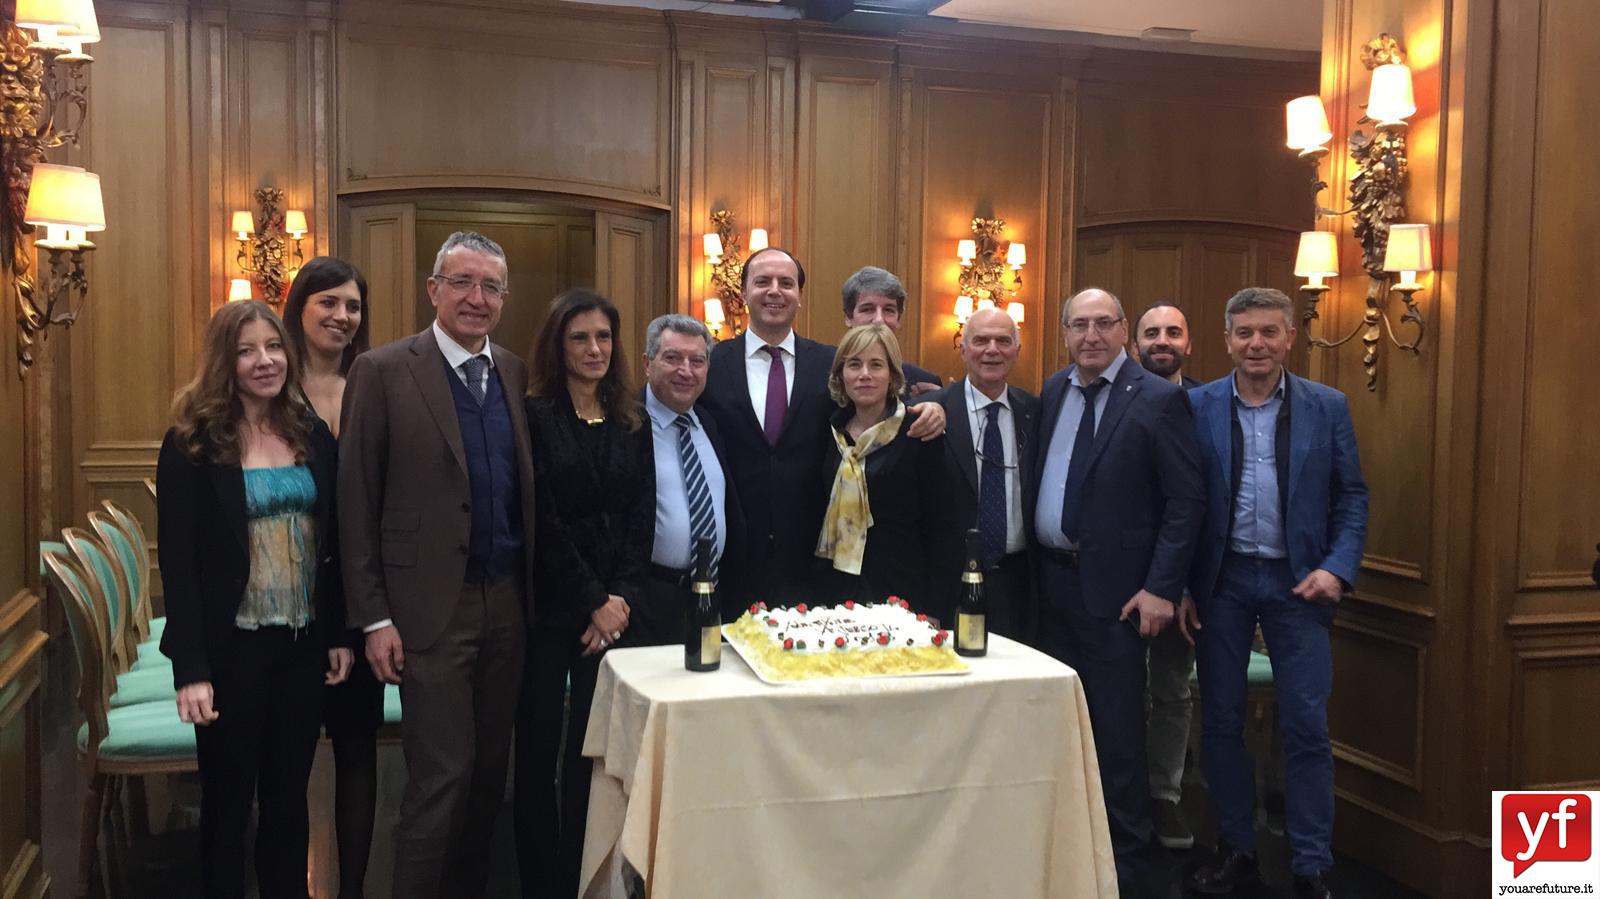 Il Presidente YF Giovanni Cinque insieme ai magistrati Fabio M. Gallo, Laura Alessandrelli, Lorenzo Ferri, la giornalista di Rai New24 Antonella Gaetani, il Generale Costantini ed alcuni amici e simpatizzanti YF.